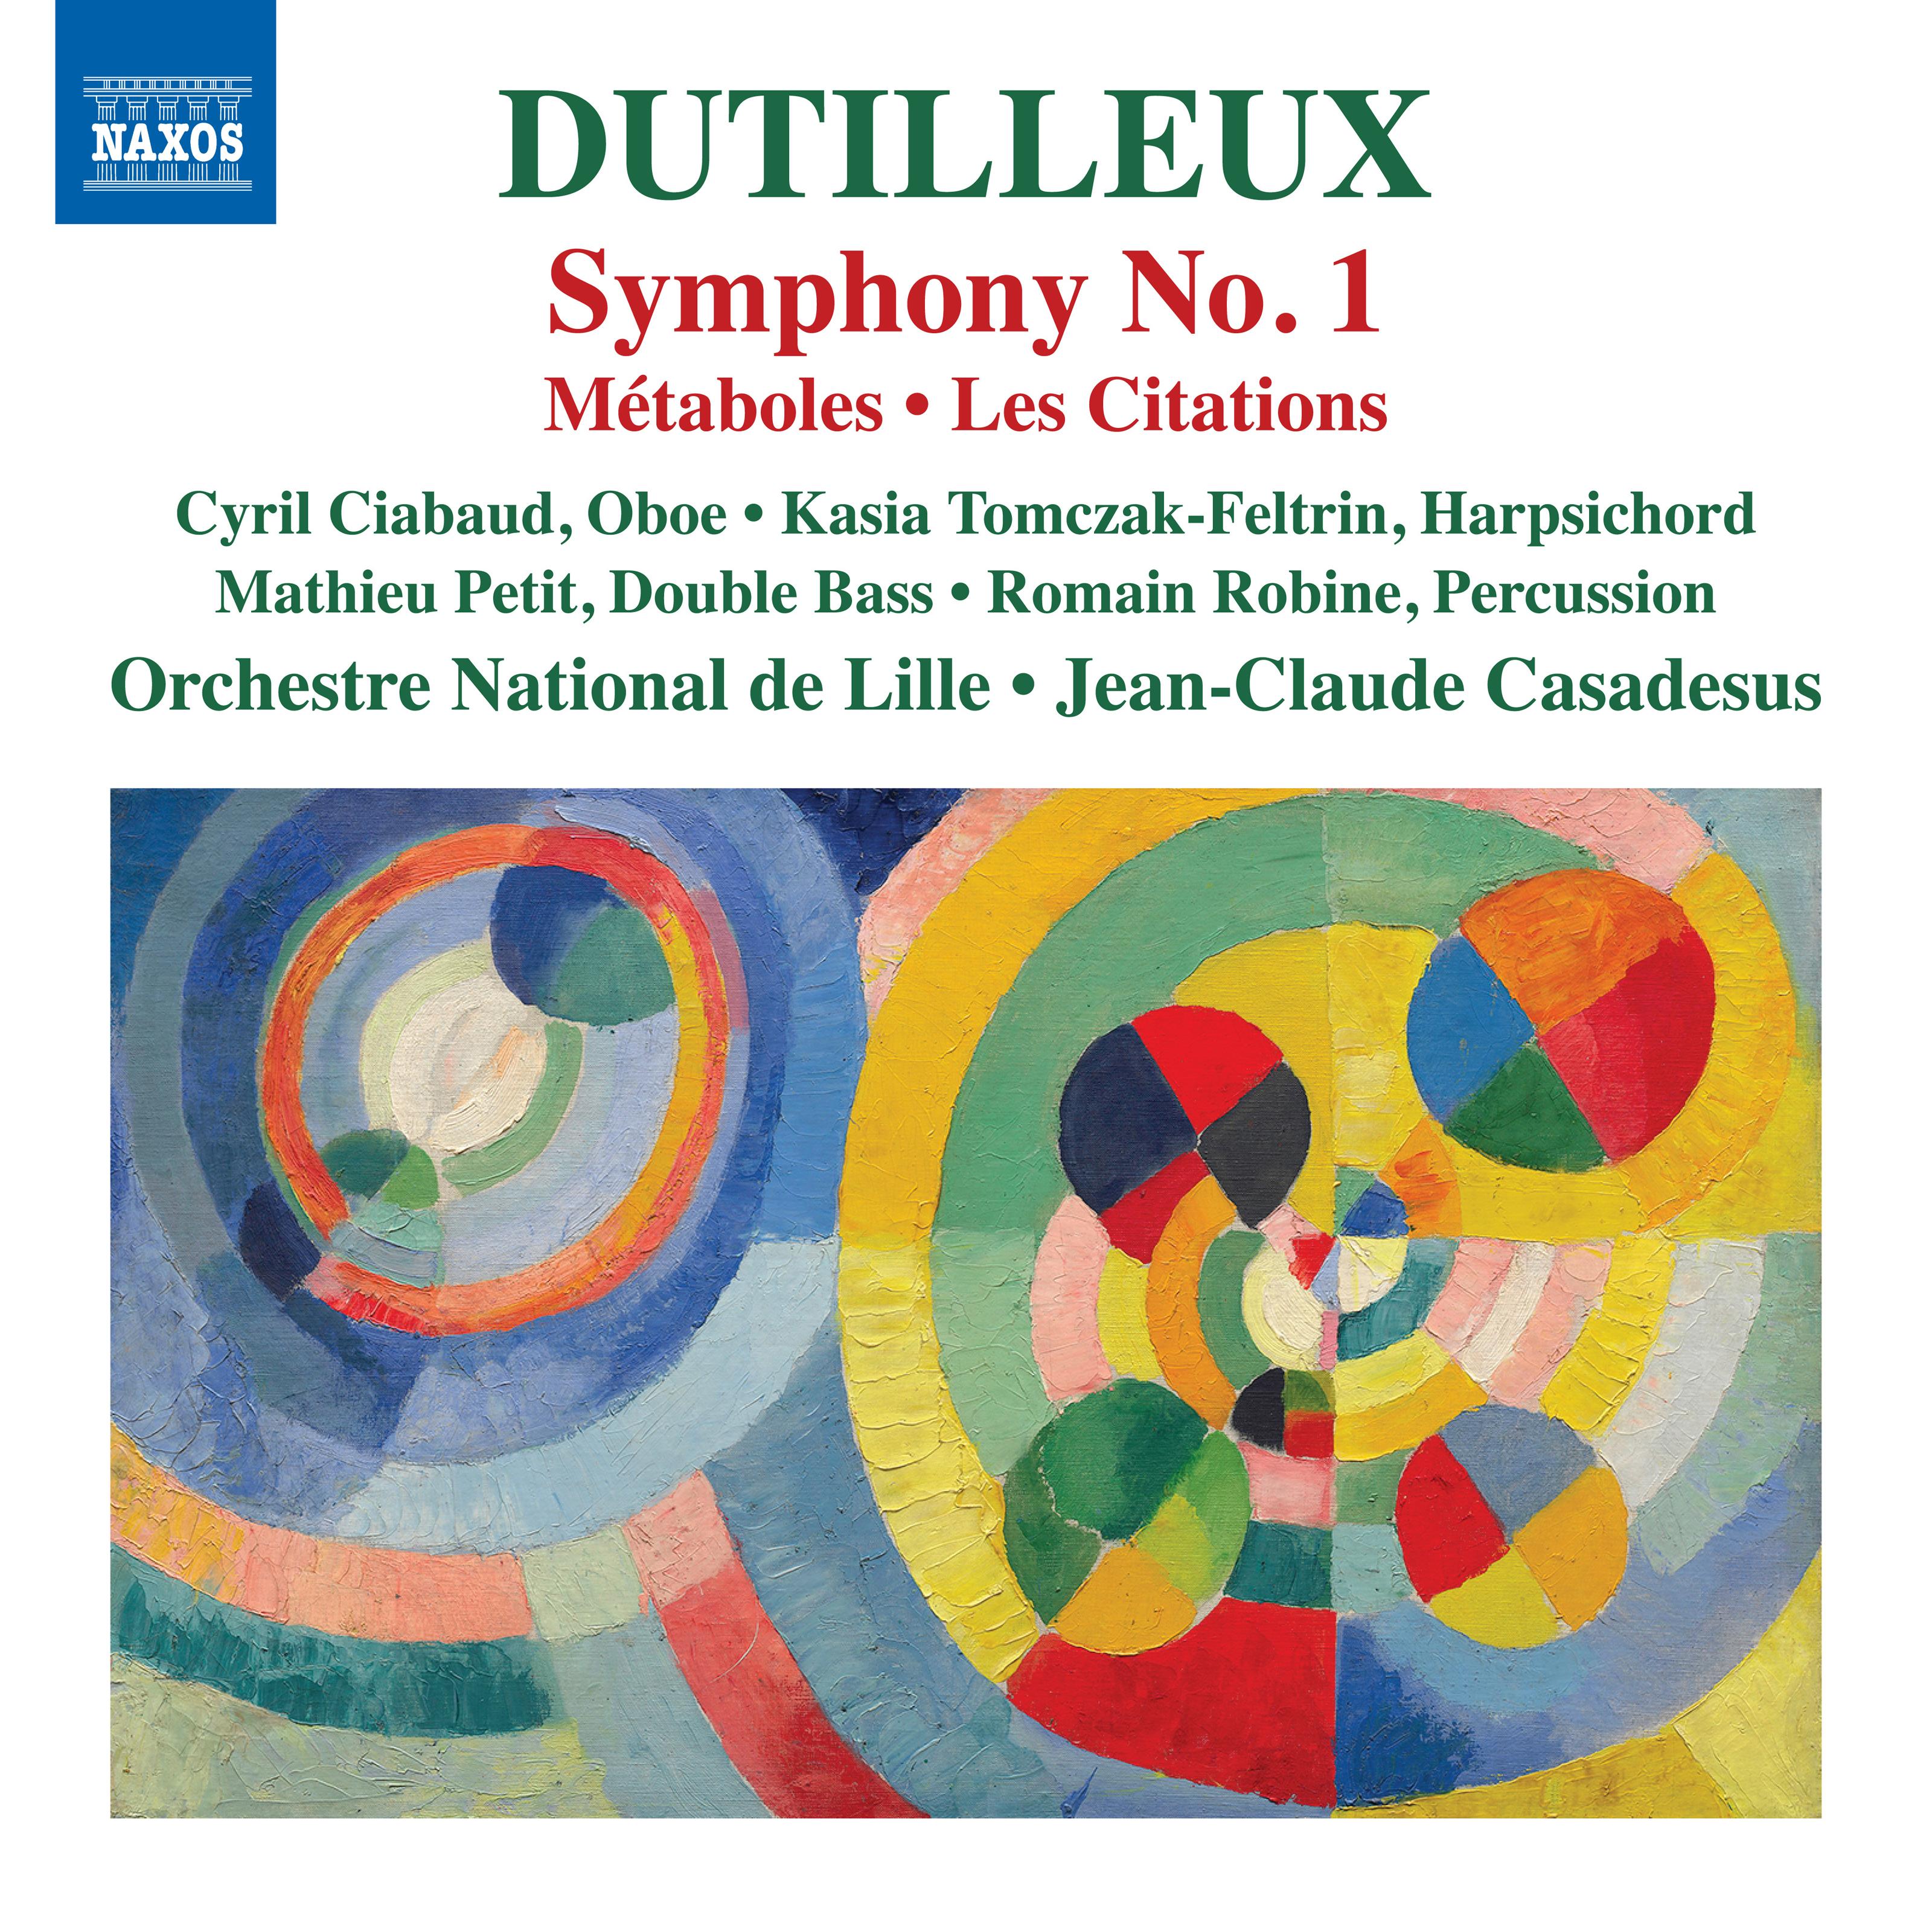 Symphony 1 / Metaboles / Les Citations